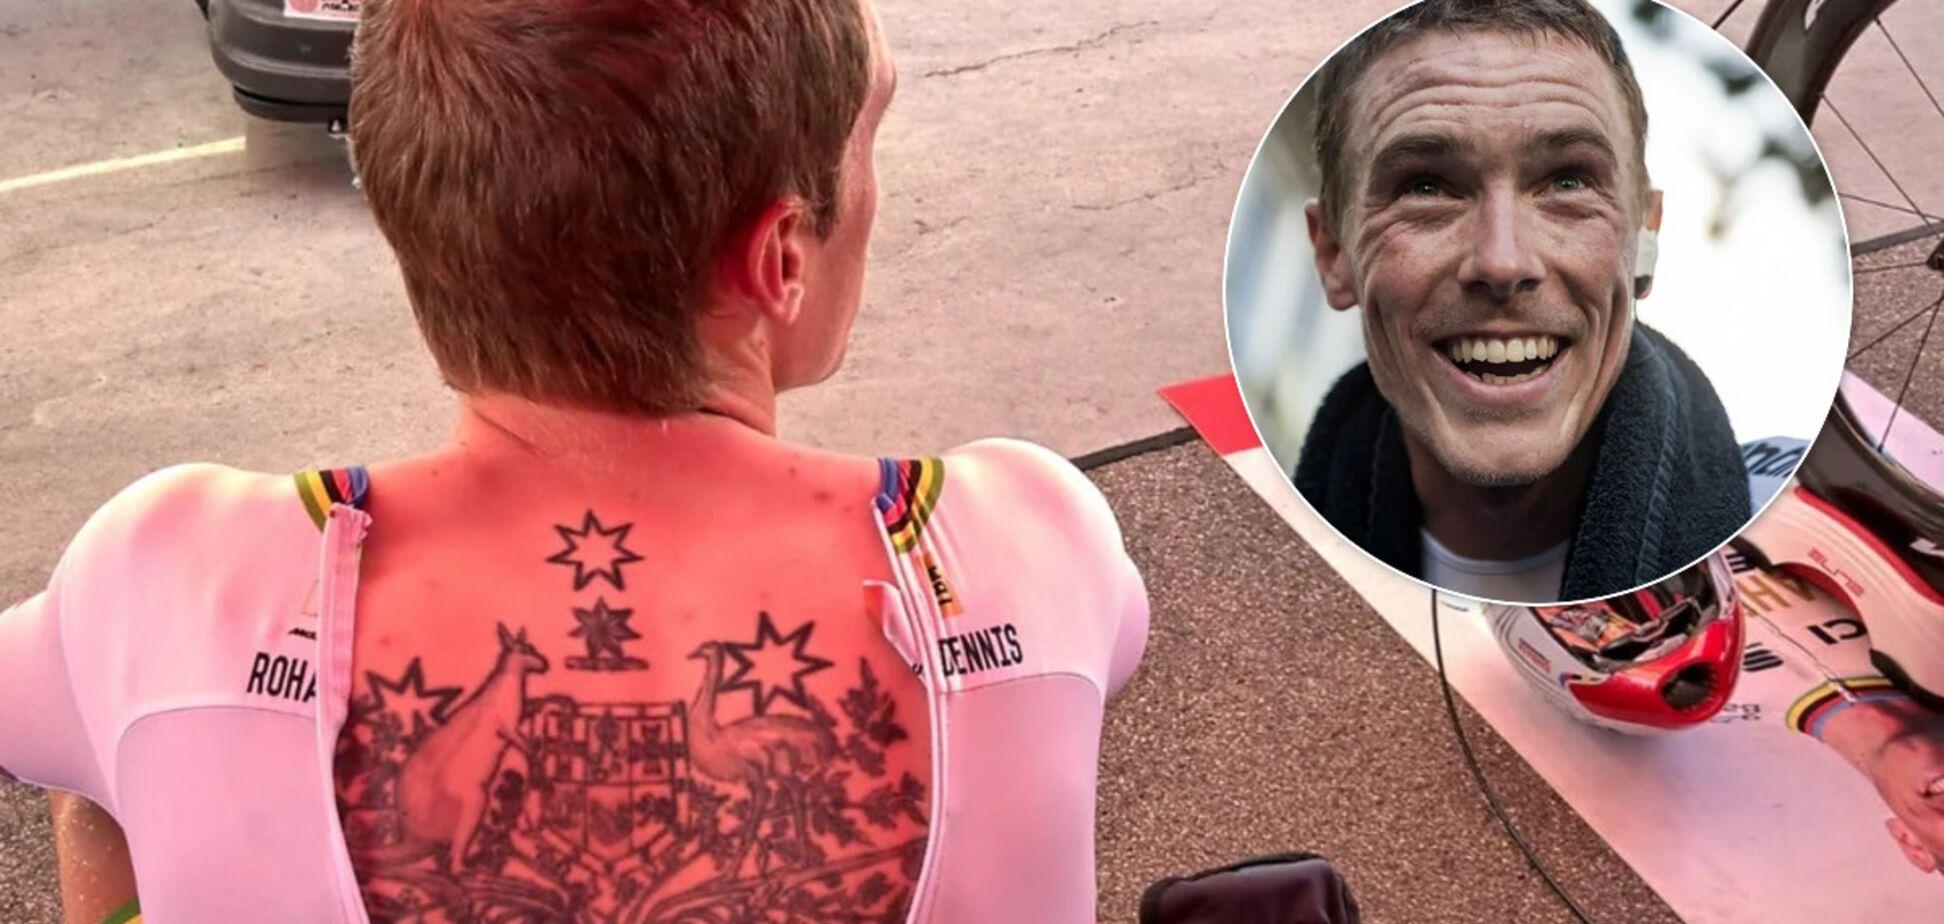 'Коронавирус может отс*сать': у чемпиона мира по велоспорту Роана Денниса сдали нервы на карантине